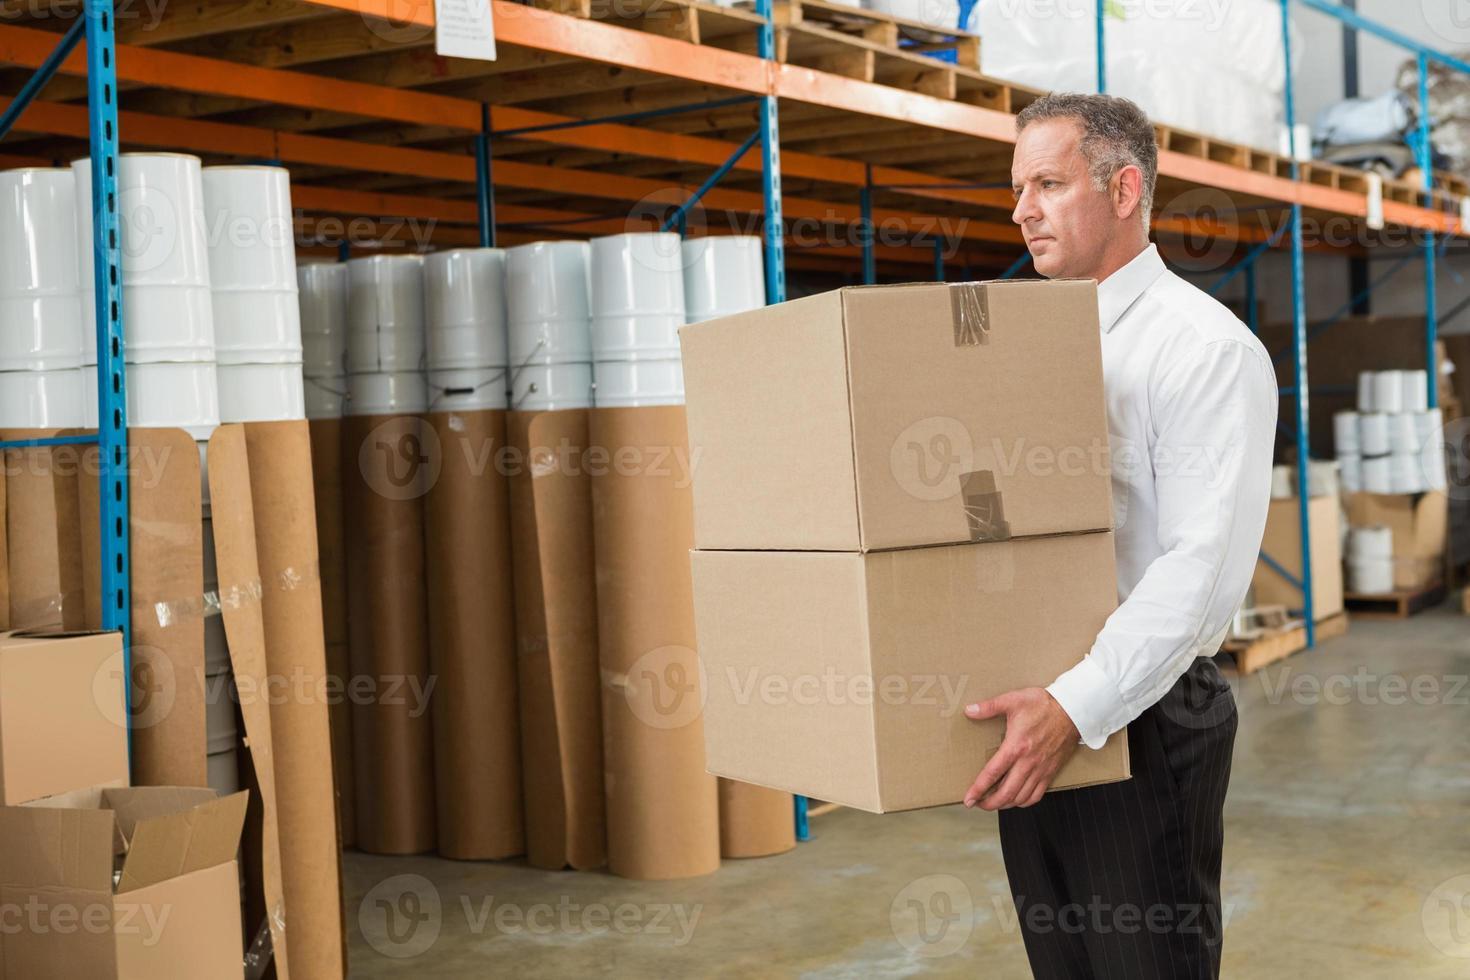 responsabile del magazzino che trasporta scatole di cartone foto